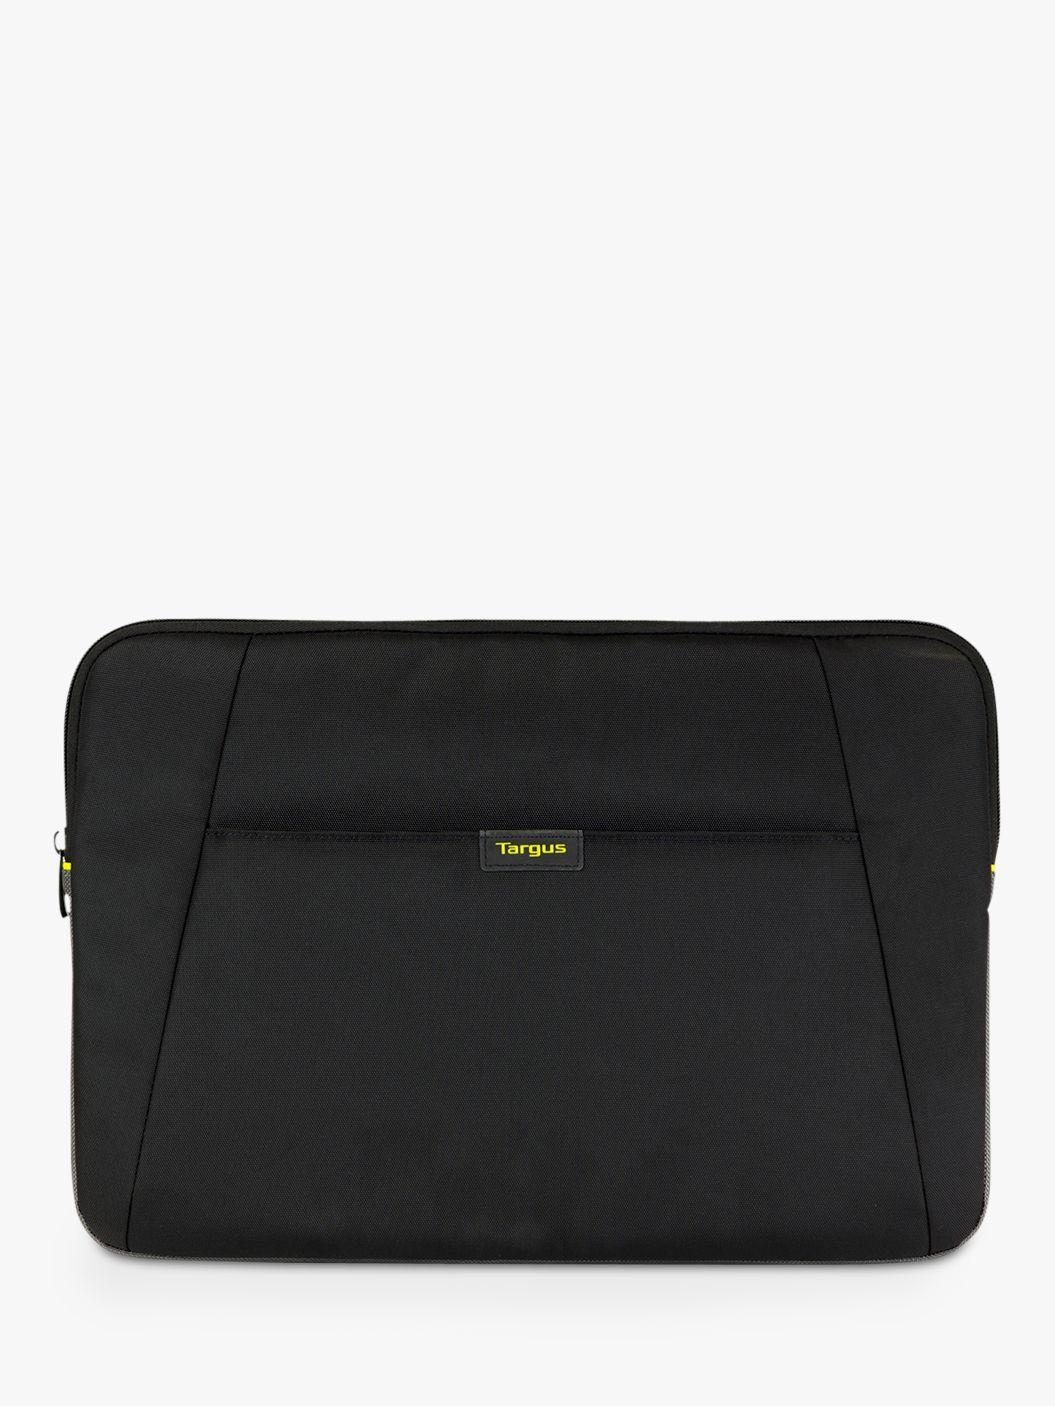 Targus Targus City Gear Sleeve for Laptops up to 11.6, Black